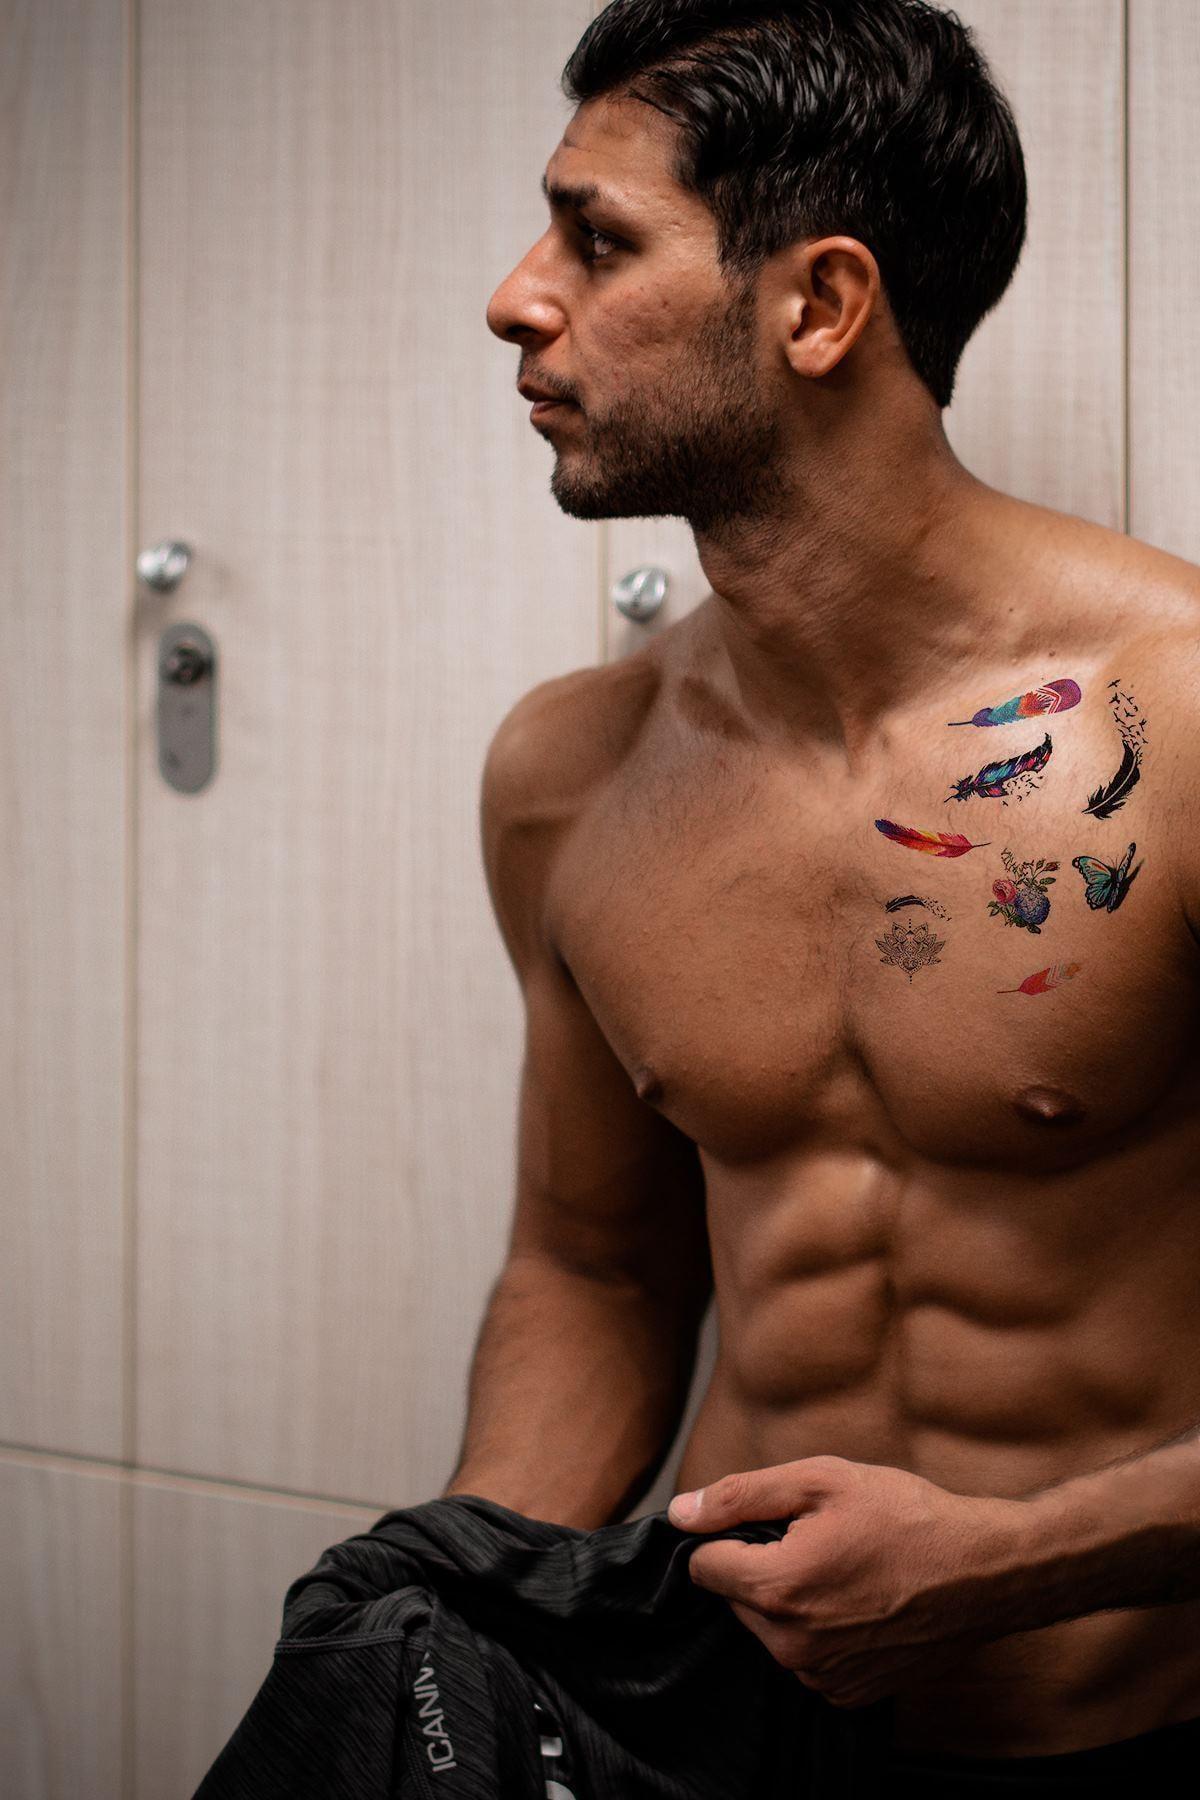 TAKIŞTIR Geçici Karışık Dövme Tattoo 2